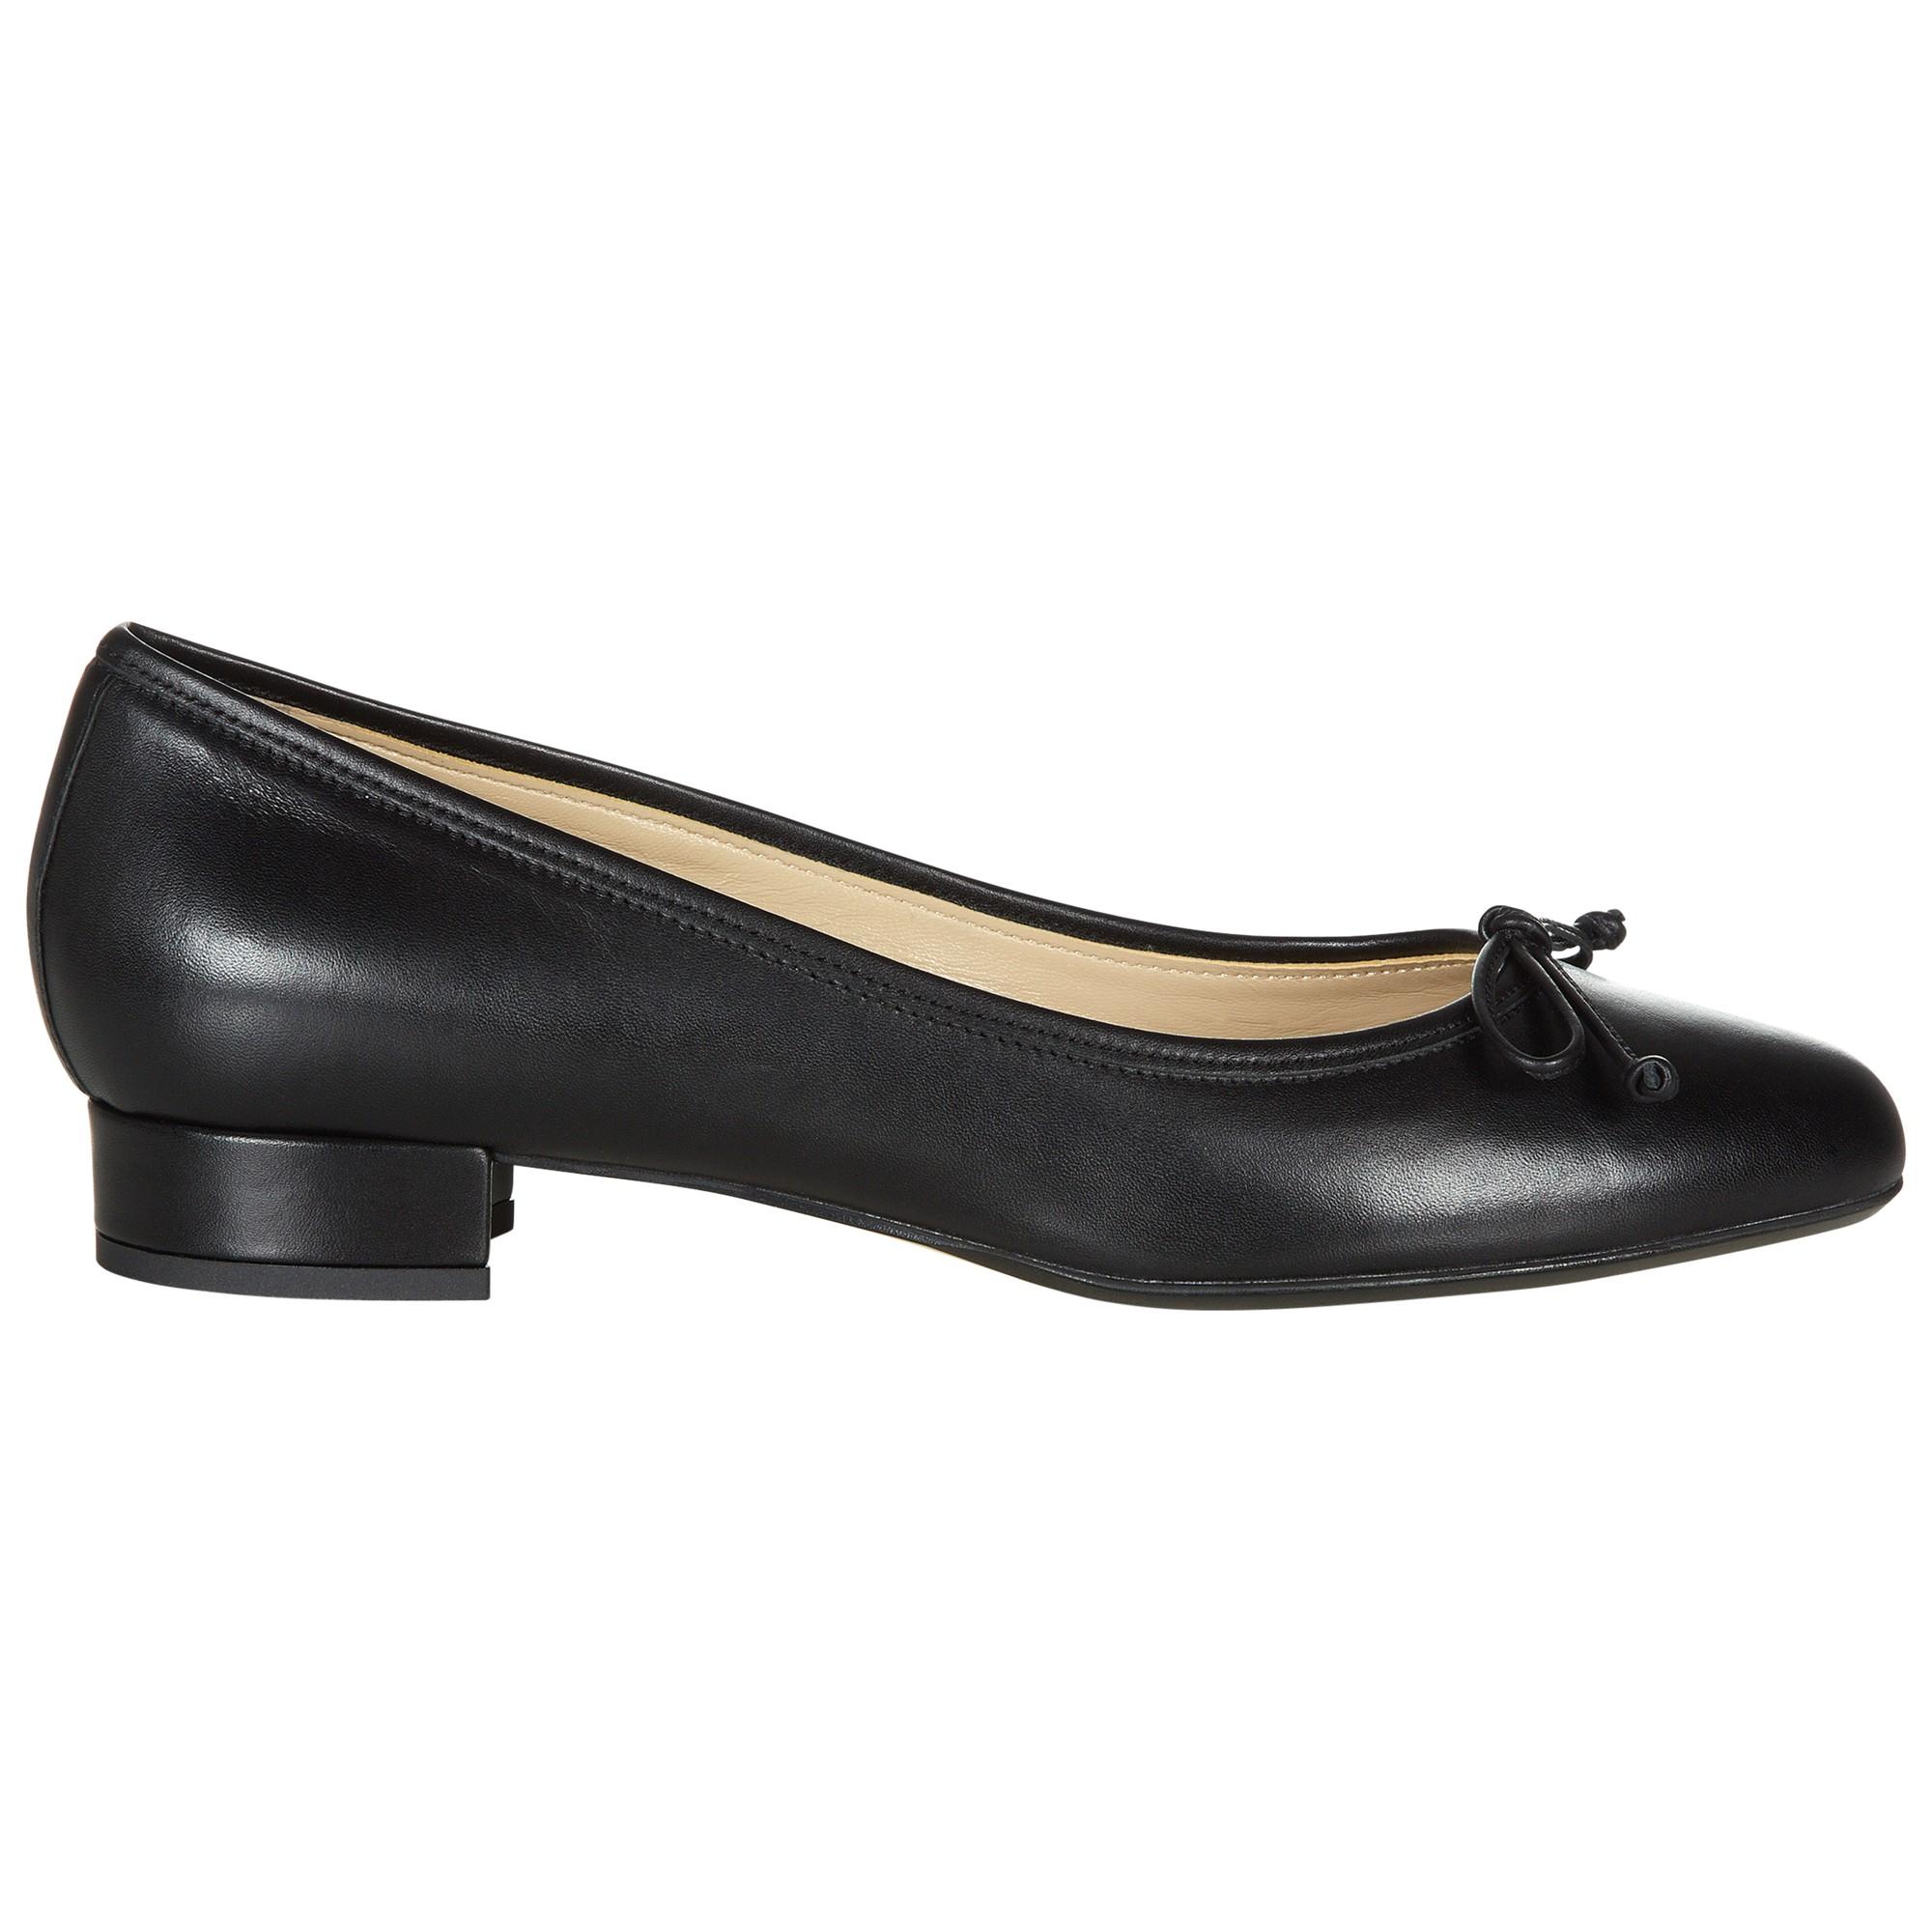 1653912efd1 Hobbs Poppy Leather Block Heel Ballerina Pumps in Black - Lyst